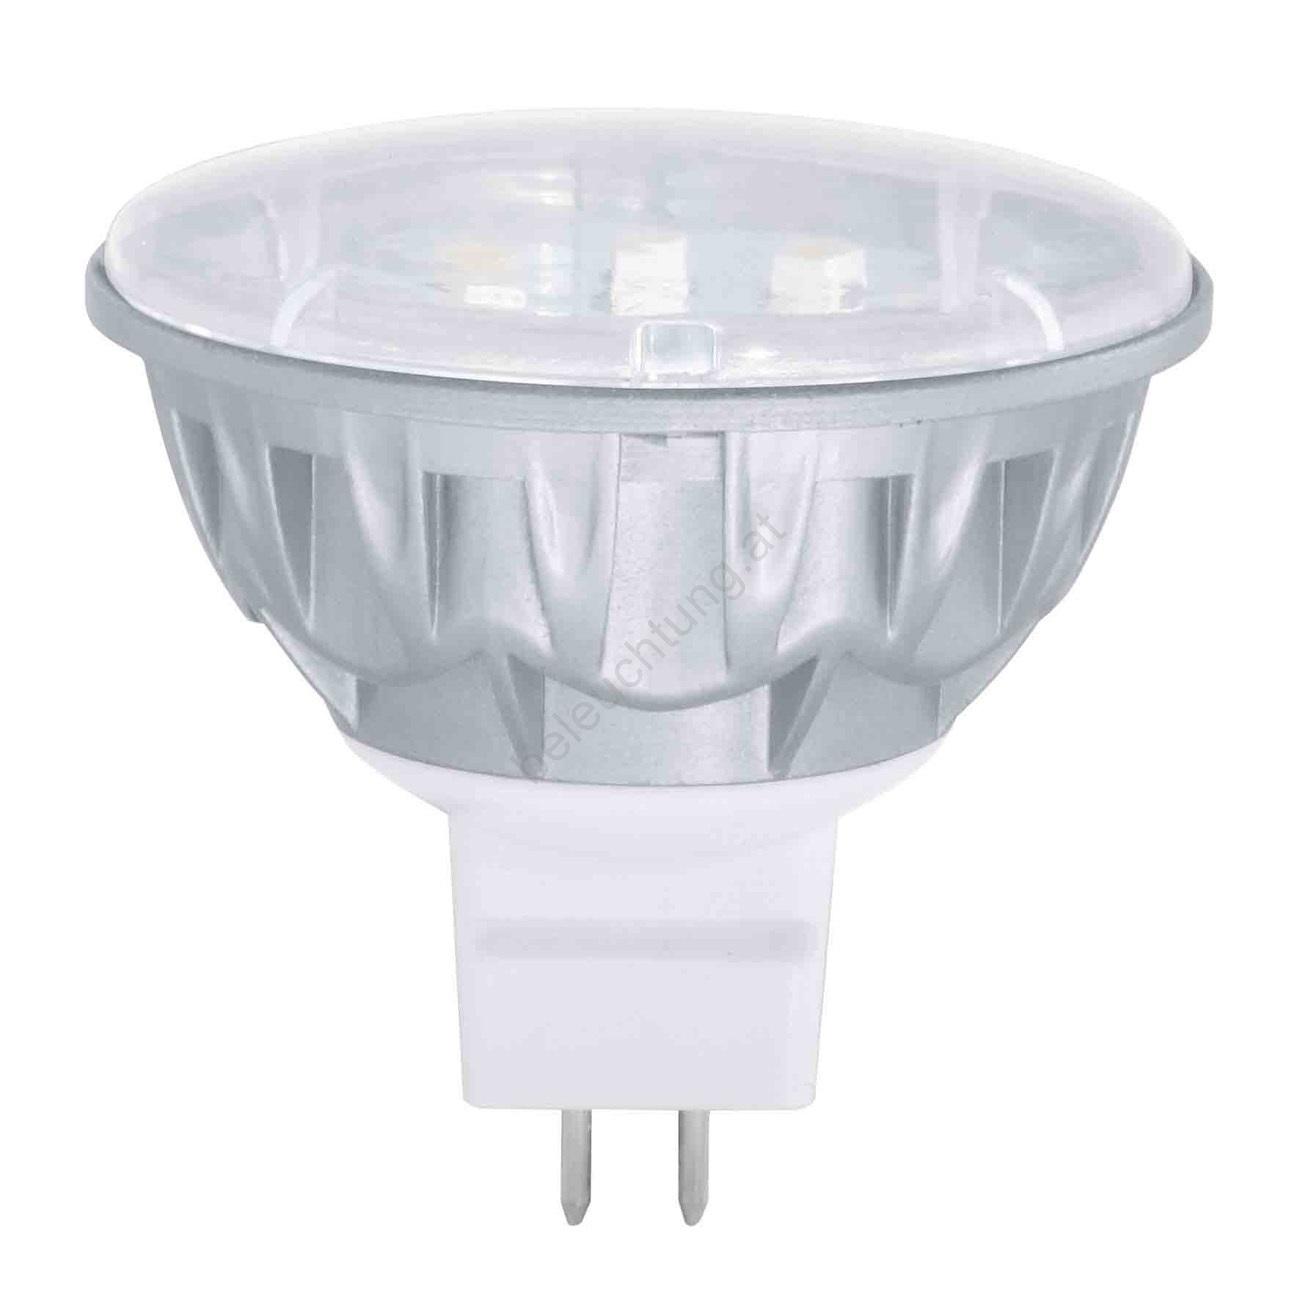 eglo 11439 led leuchtmittel gu5 3 5w 12v 4000k beleuchtung. Black Bedroom Furniture Sets. Home Design Ideas